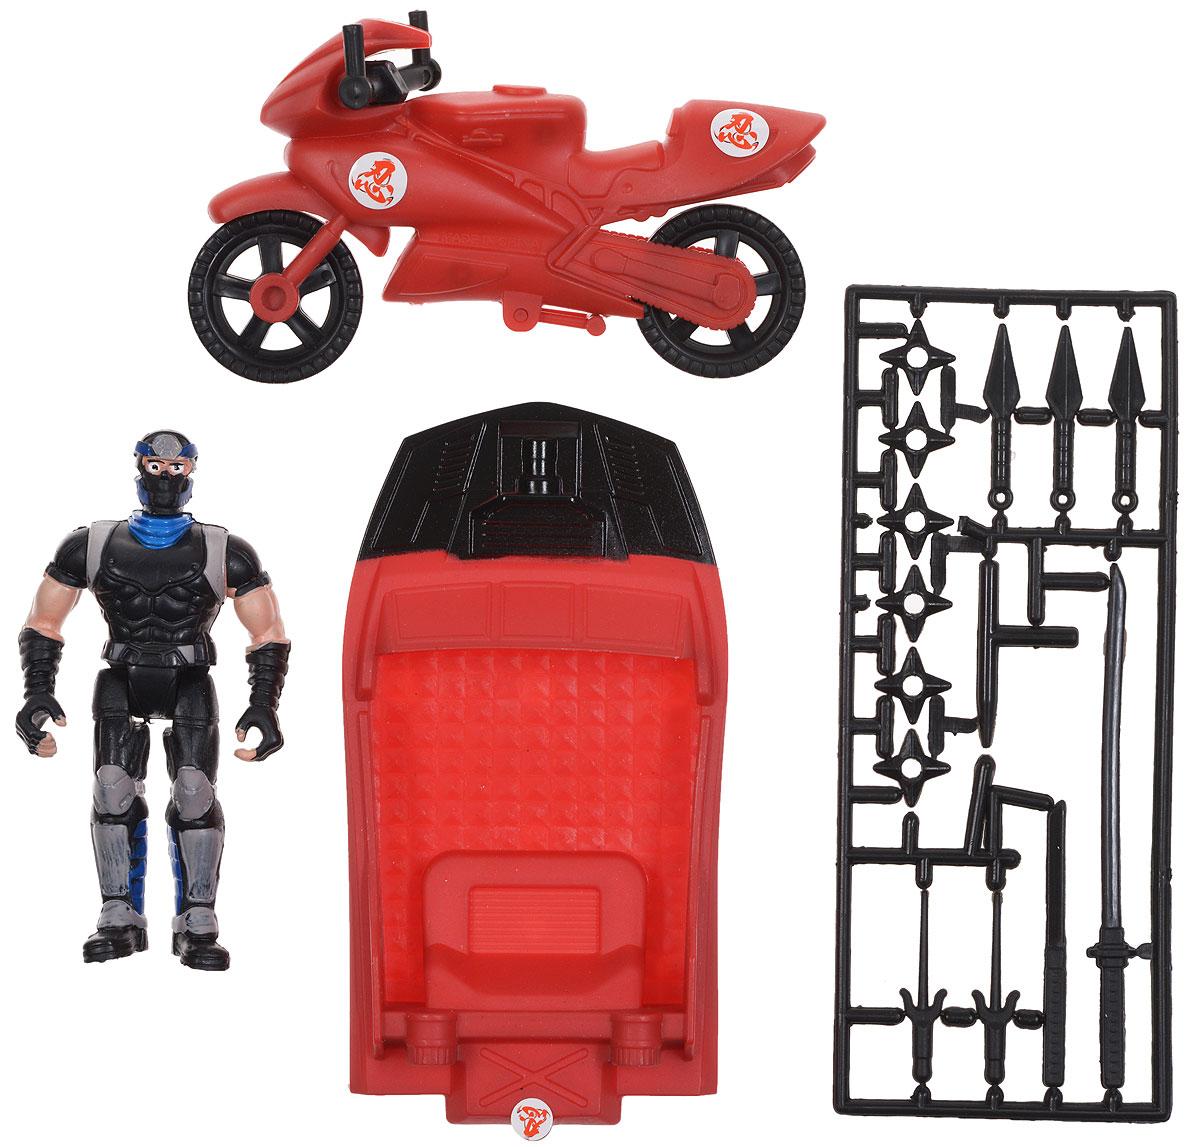 Manley Игровой набор Ninja Battle цвет красный черный63587_красный мотоцикл/черный нинзяИгровой набор Ninja Battle заинтересует каждого мальчишку! В набор входит фигурка ниндзя, лодка, мотоцикл, а также разнообразное оружие ниндзя. Элементы набора выполнены из прочного пластика. Руки, ноги и голова у фигурки подвижны. Ваш ребенок с удовольствием разнообразит свои игры фигурками Ninja Battle.